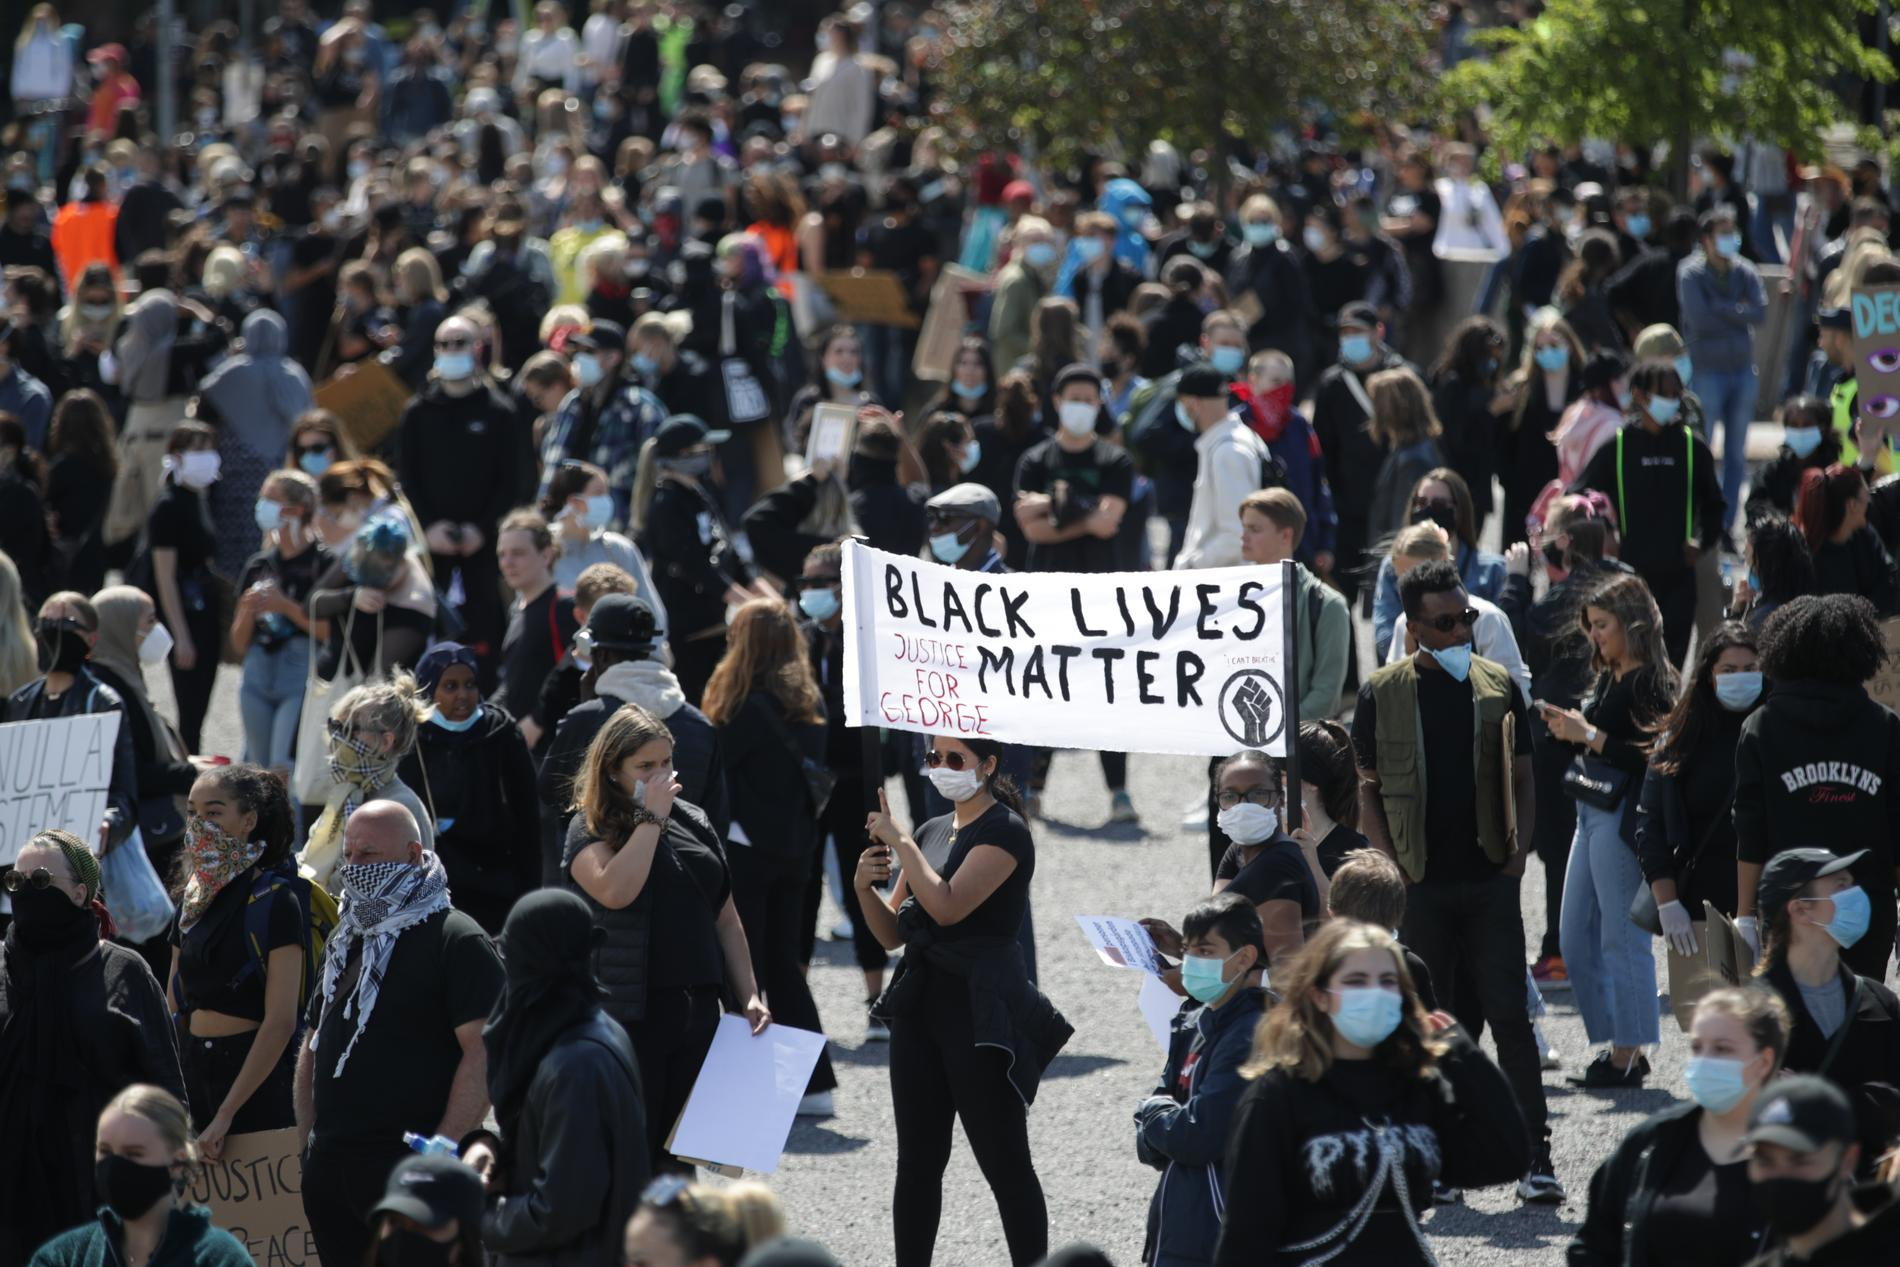 Polisen har inlett en särskilt händelse inför Black lives matter-demonstrationen på Heden i Göteborg. Redan innan den har dragit i gång är flera hundra personer på plats.